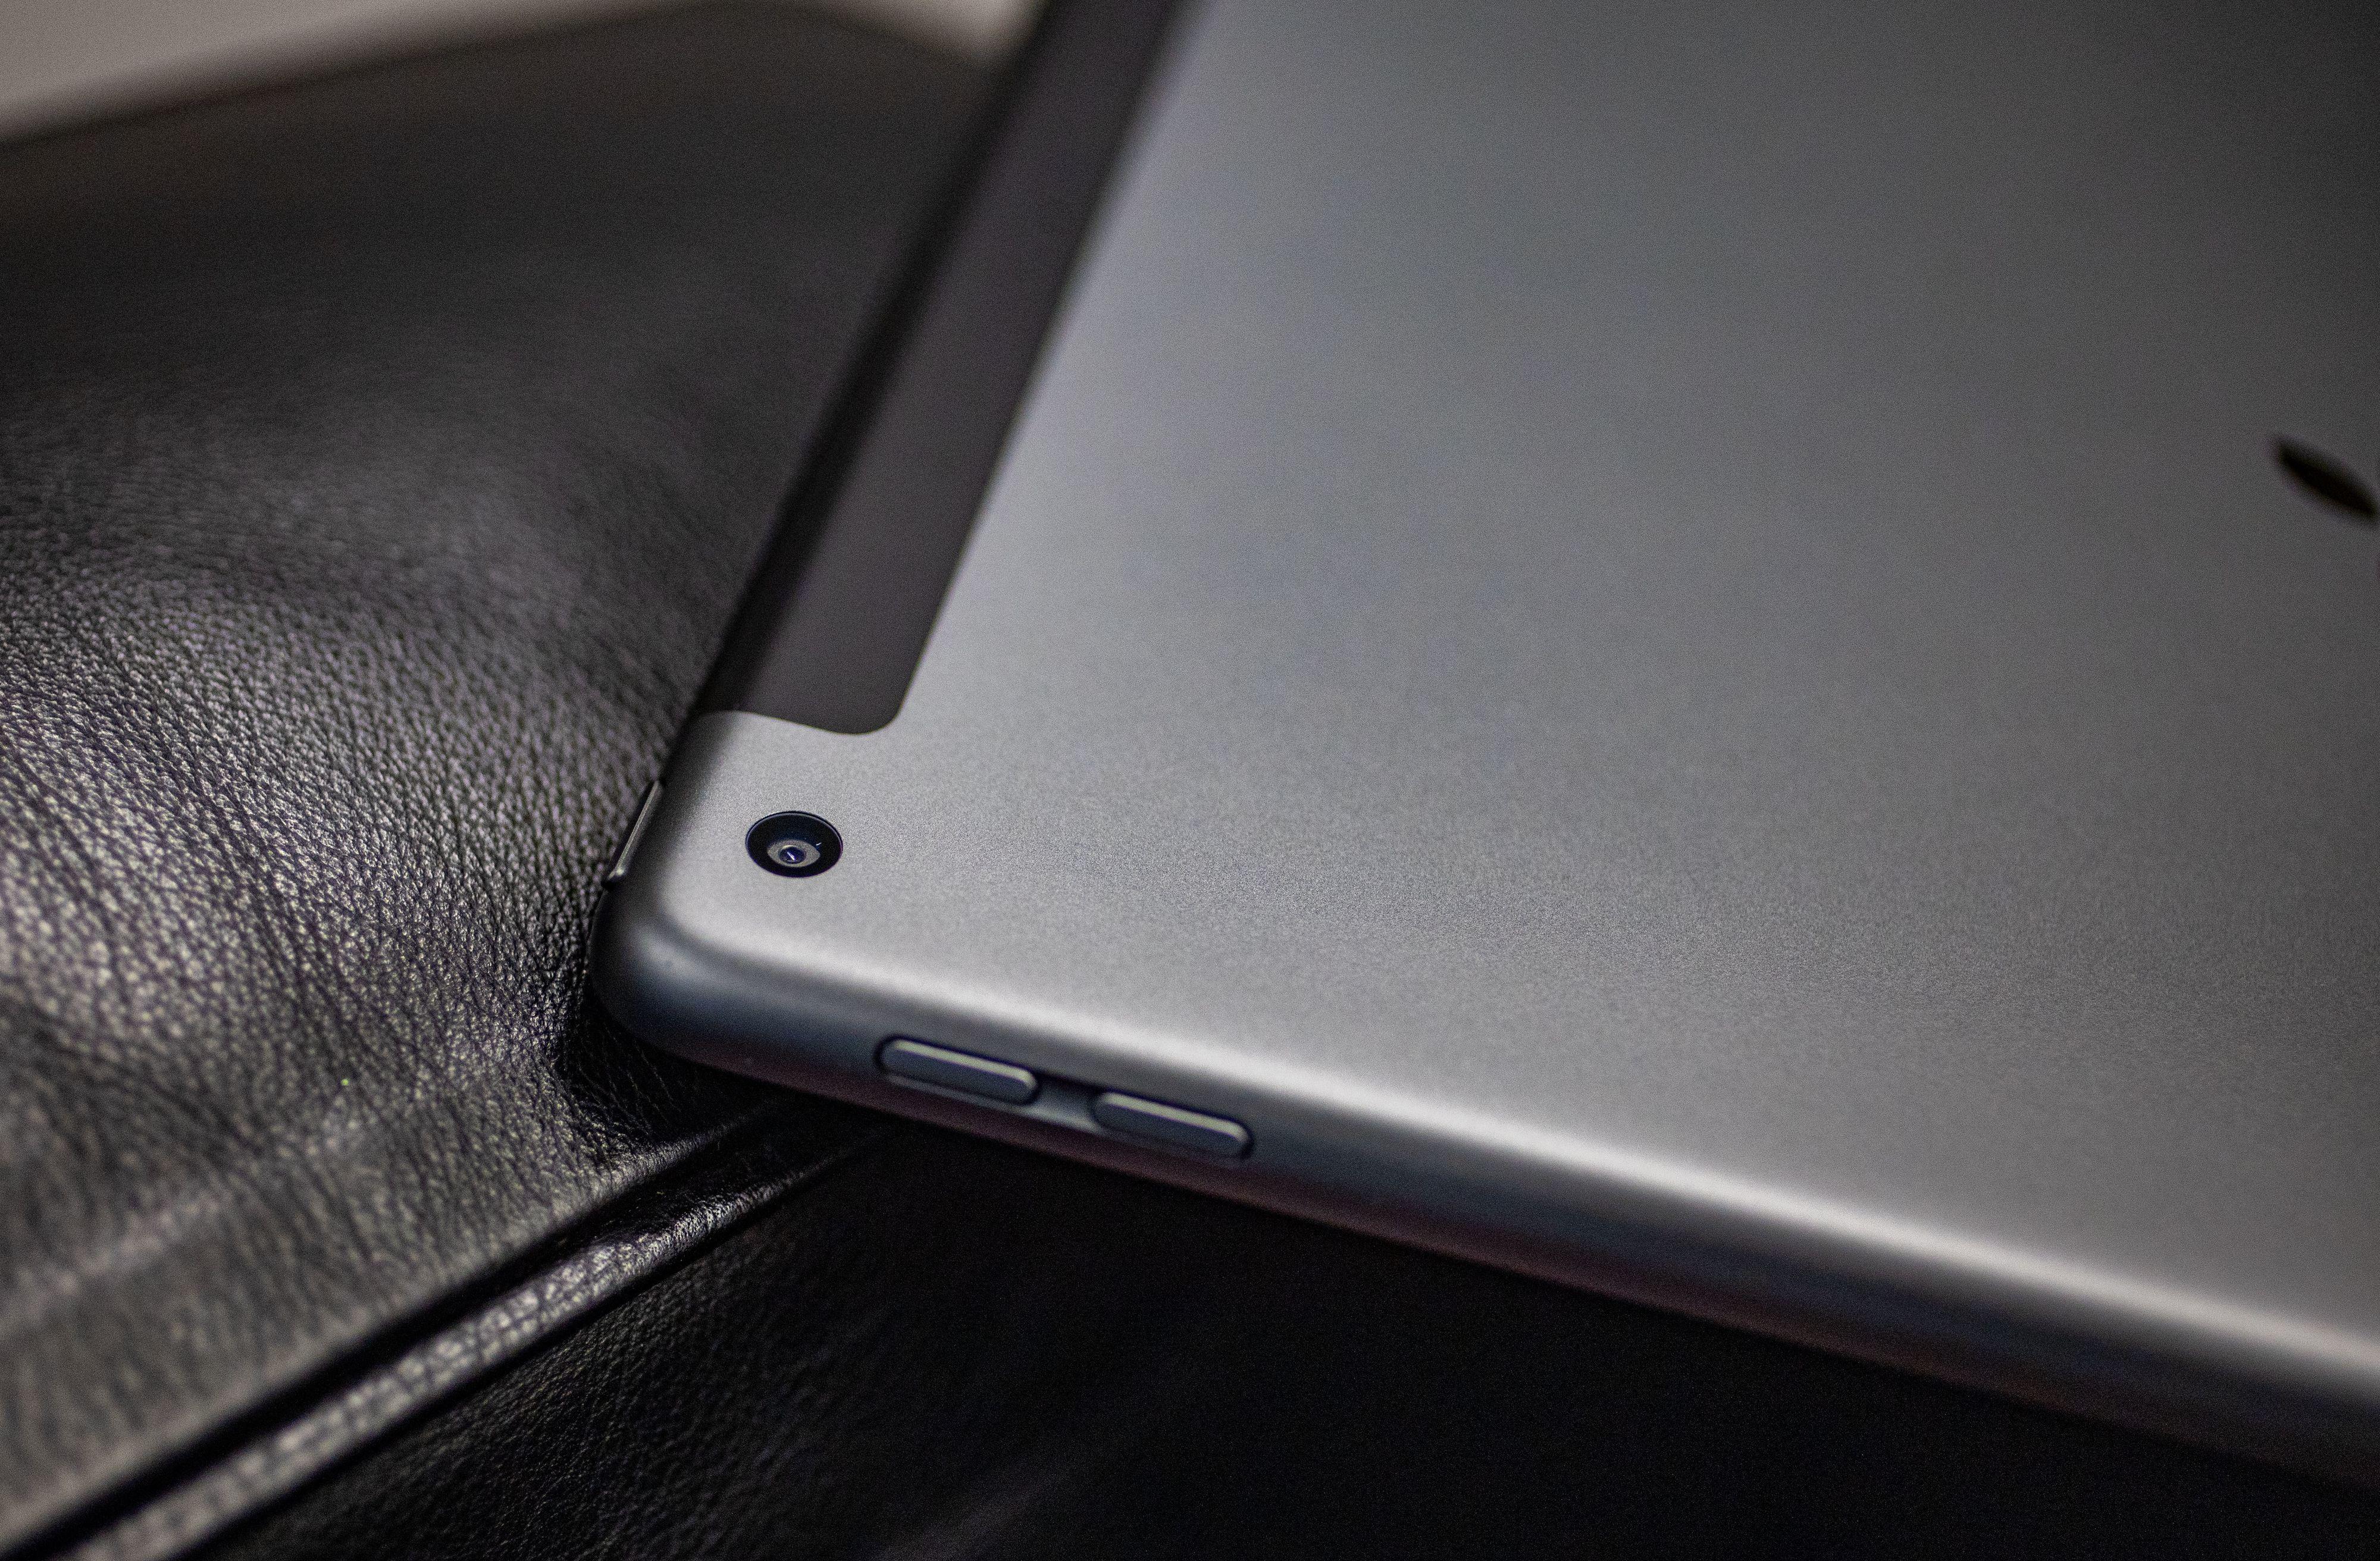 Jo da, iPaden har et kamera, men bildekvaliteten er like kjip som den alltid har vært.